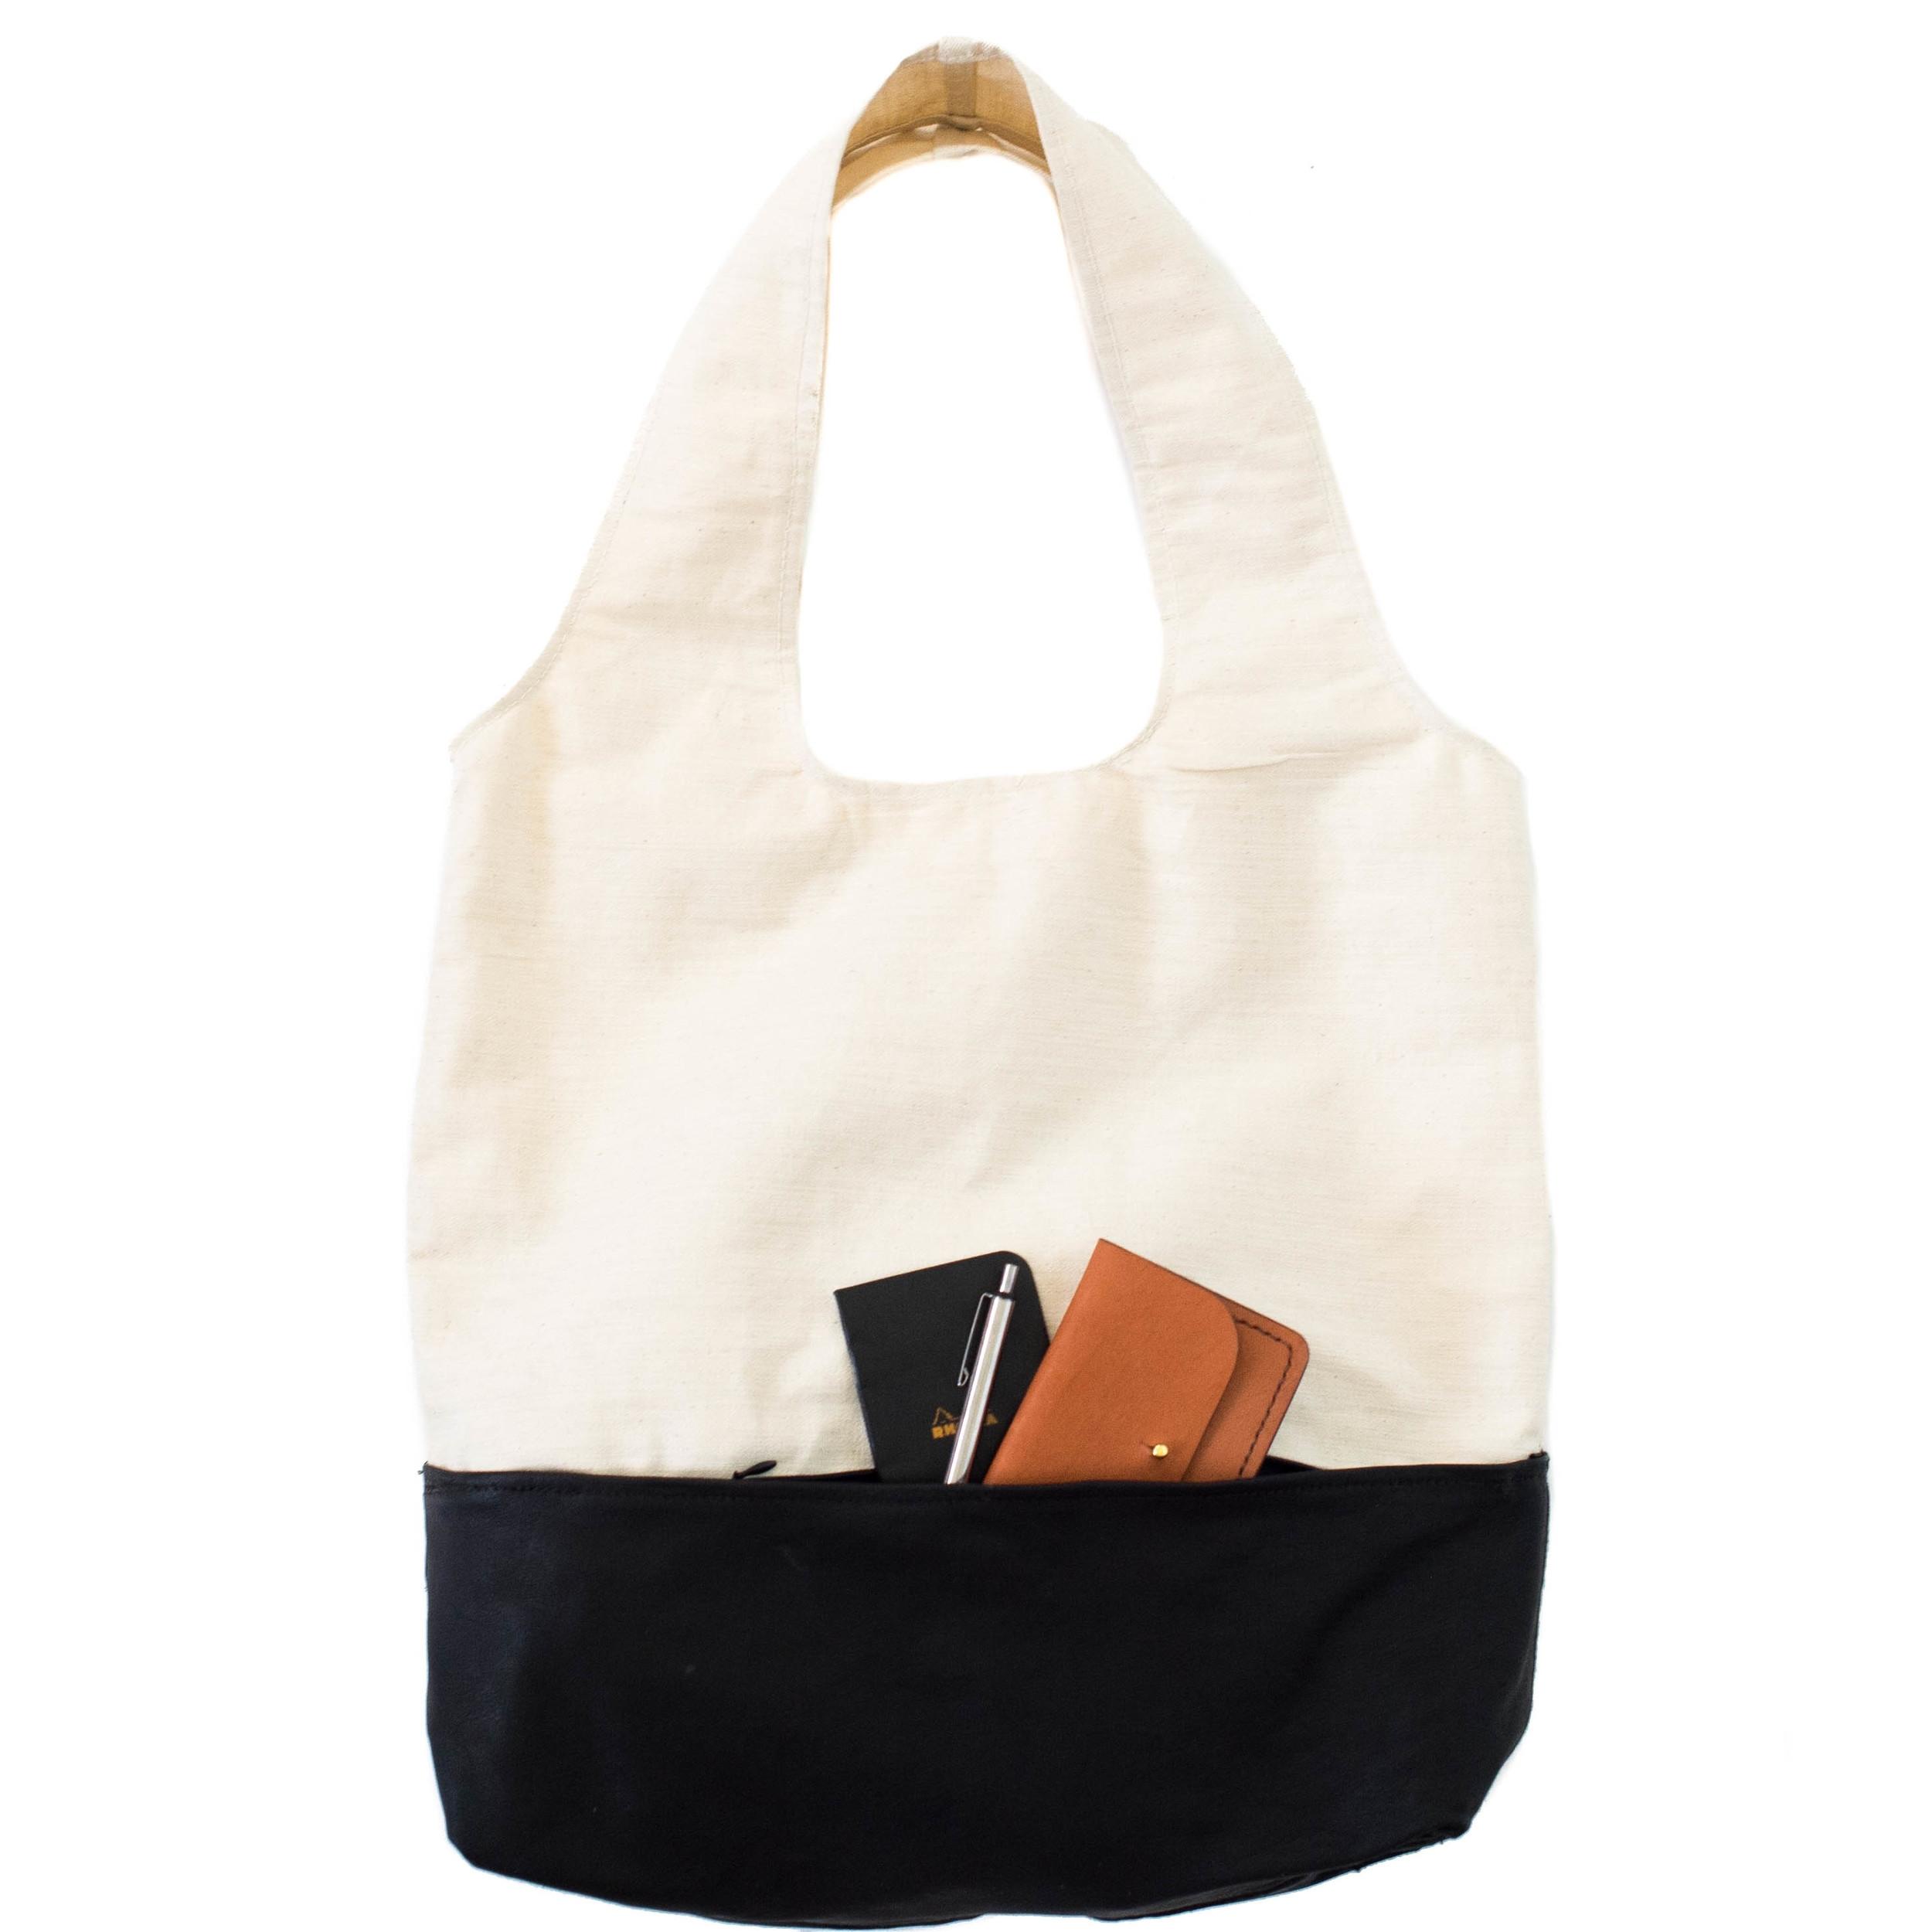 Flaure Tote Bag